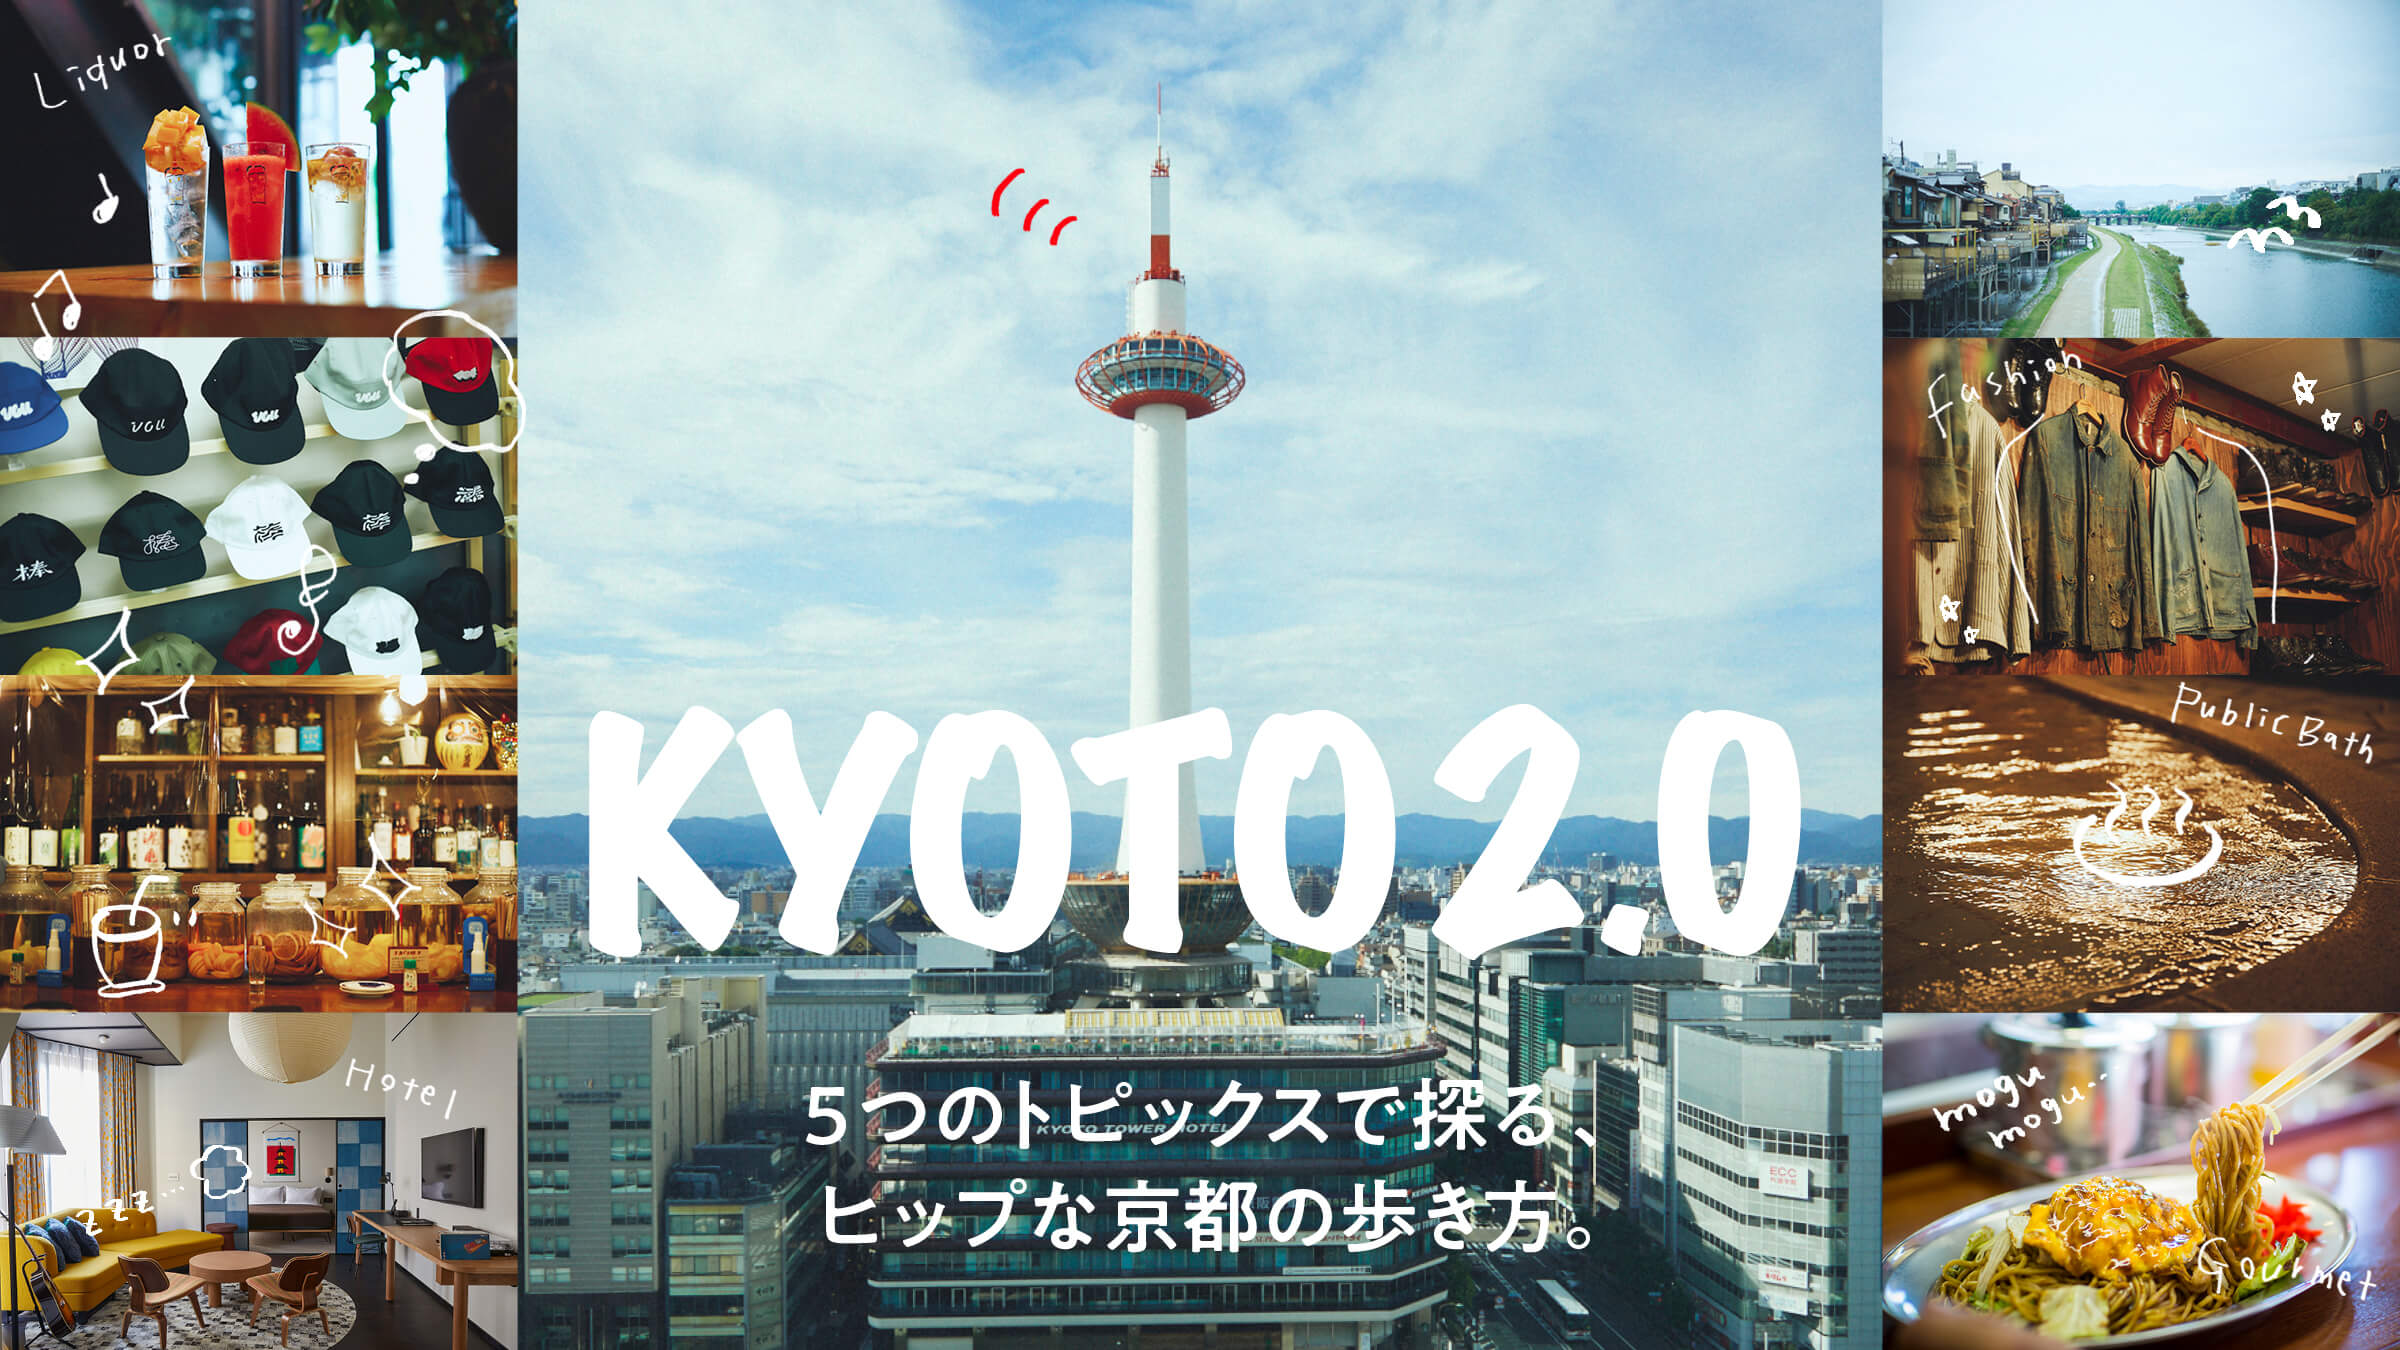 5つのトピックスで探る、ヒップな京都の歩き方。